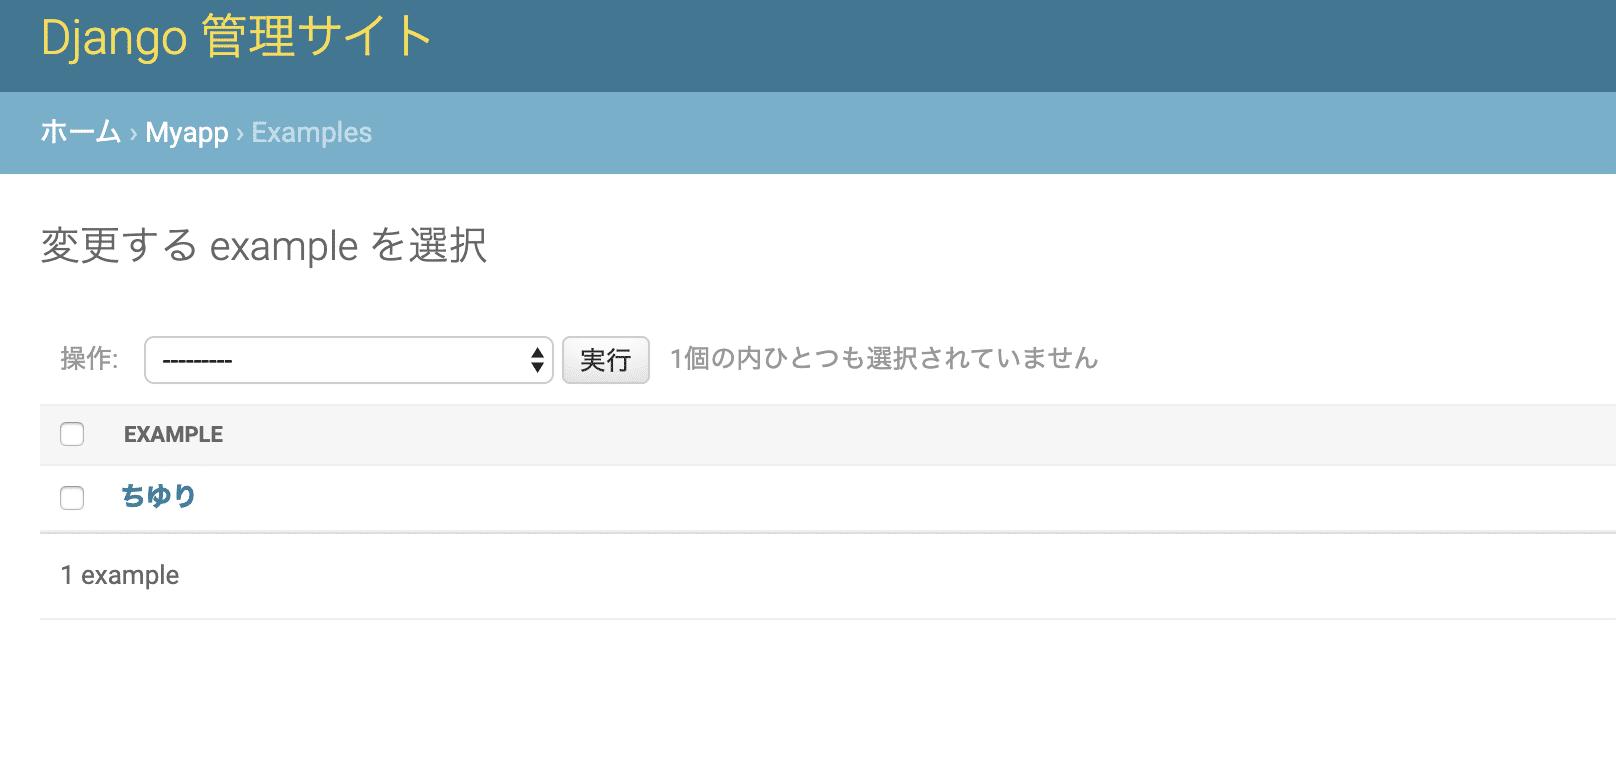 スクリーンショット-2019-11-26-23.01.05